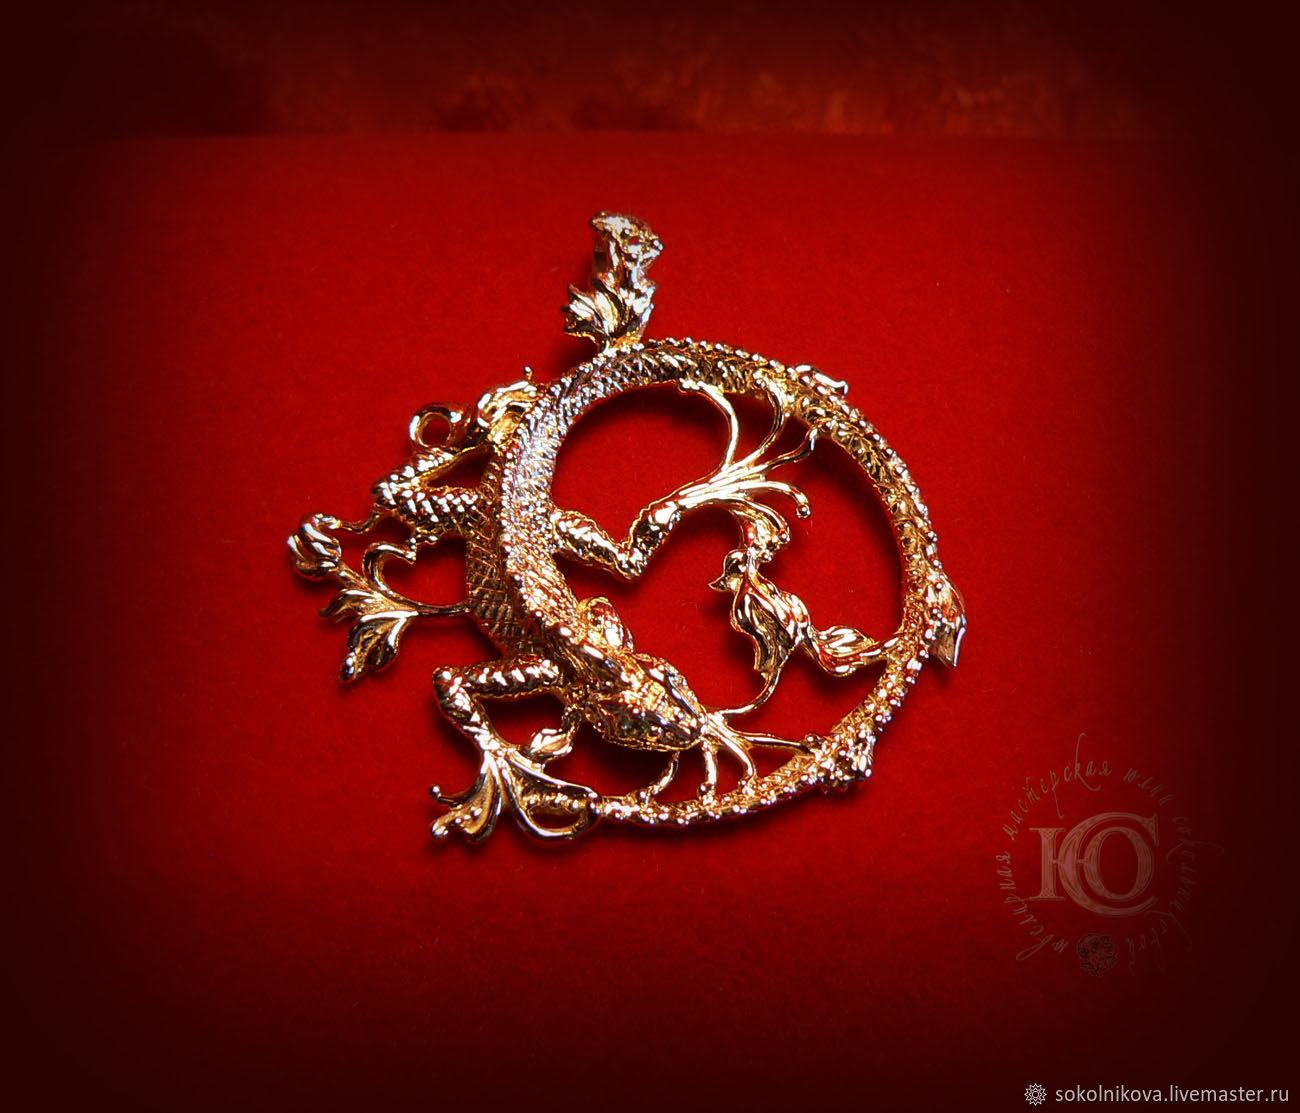 Кулон `Ящерка`. Золото 585 пробы, хризолиты.